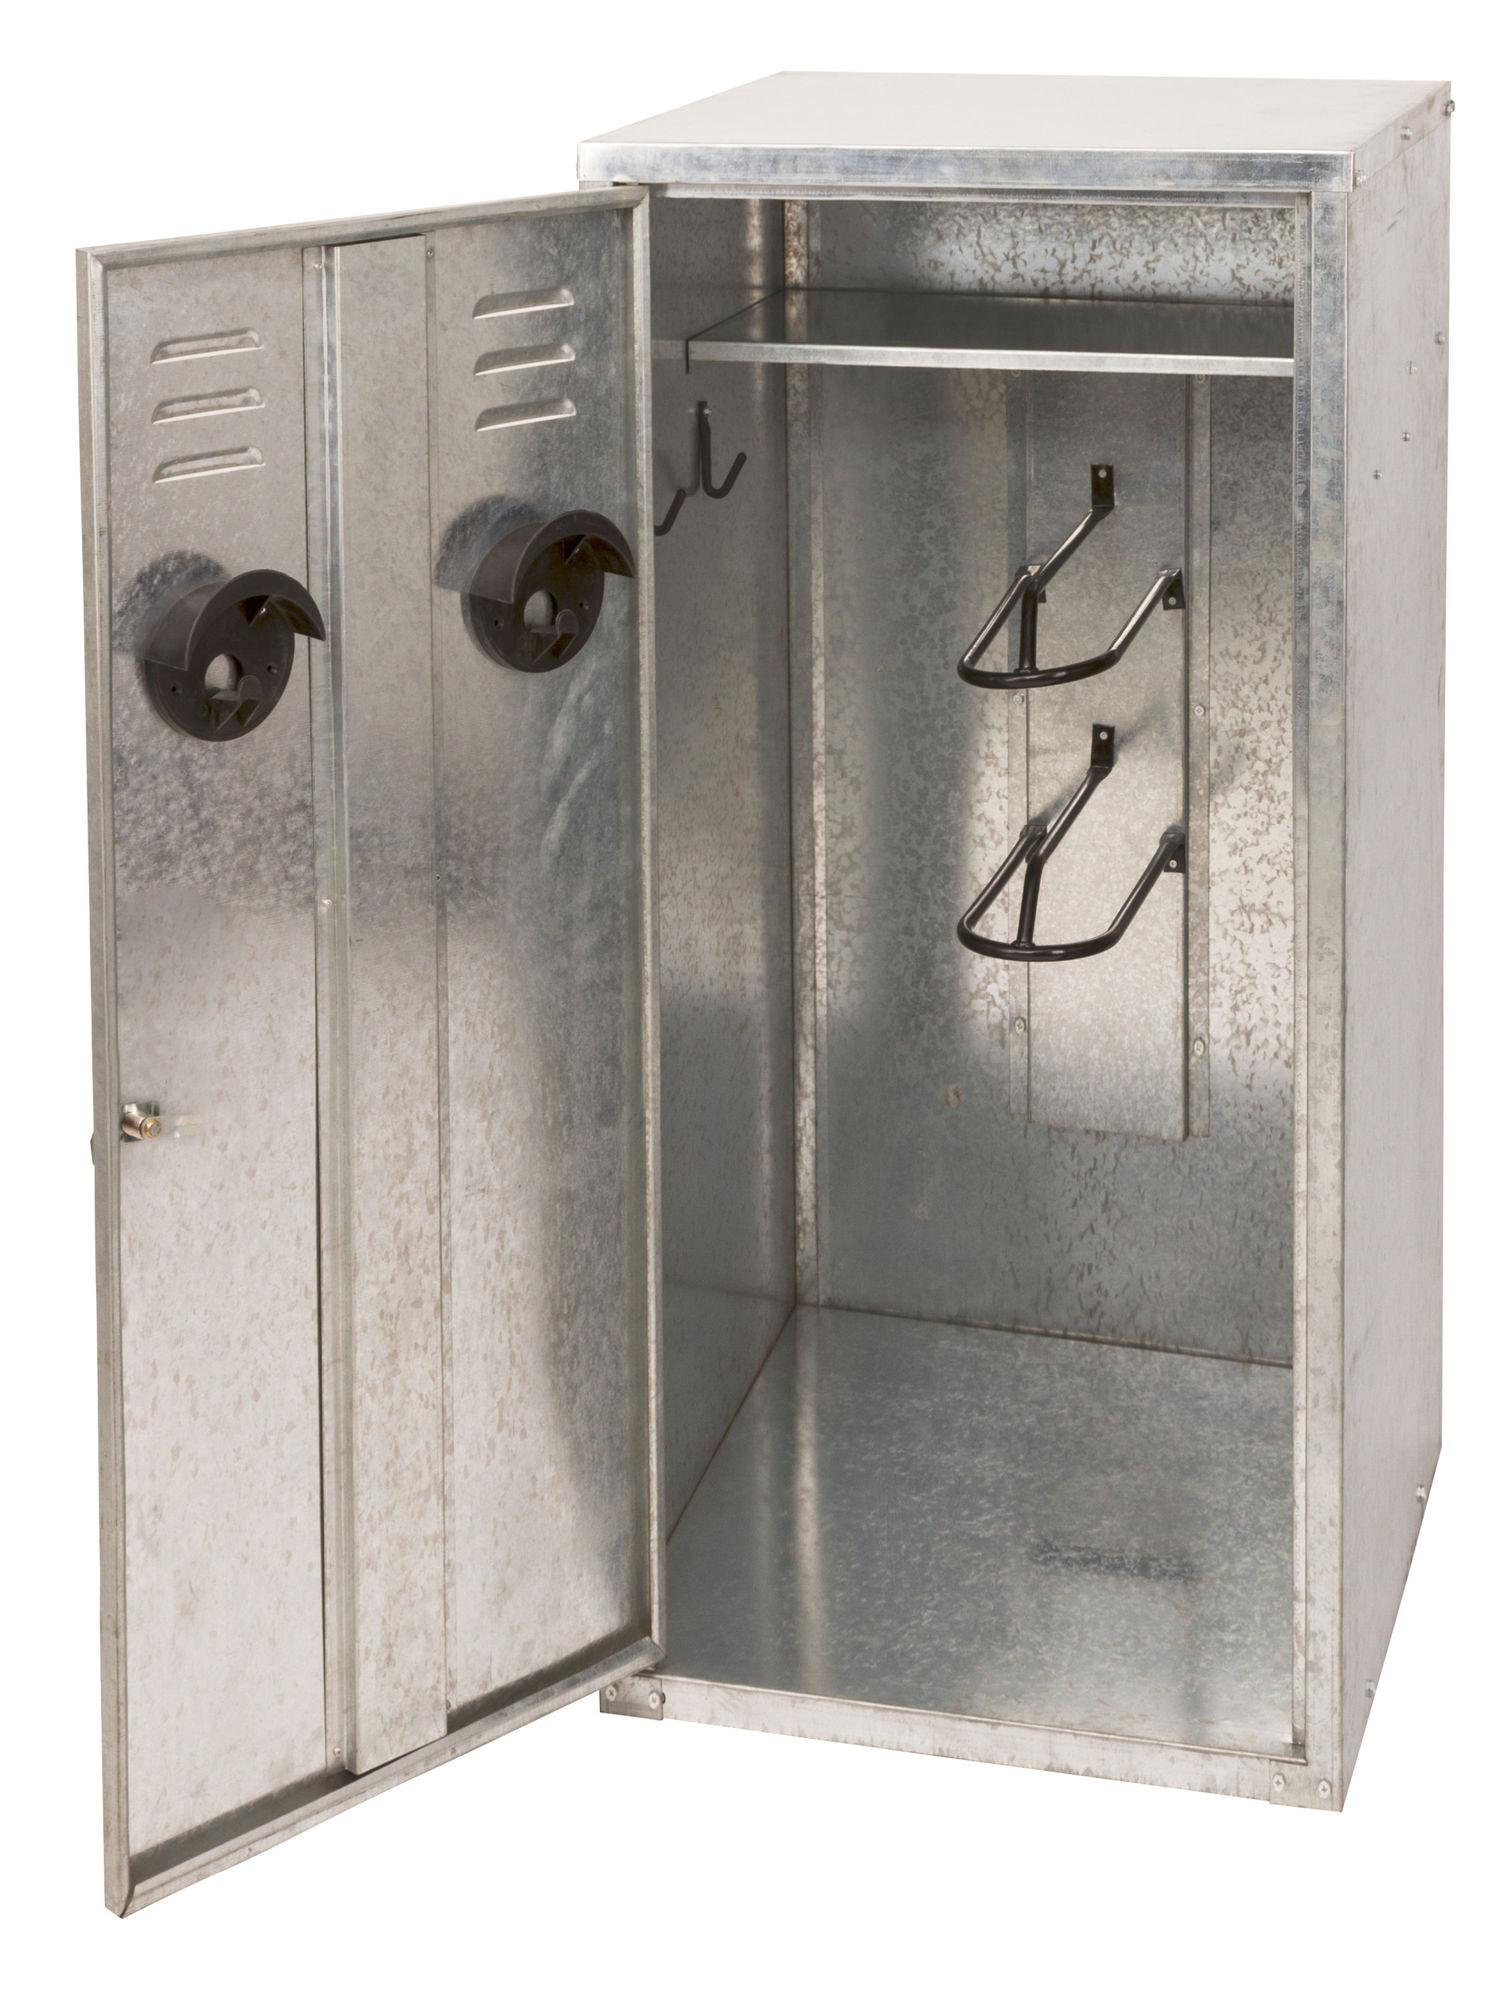 Sattelschrank 60x60x150cm für 2 Sättel